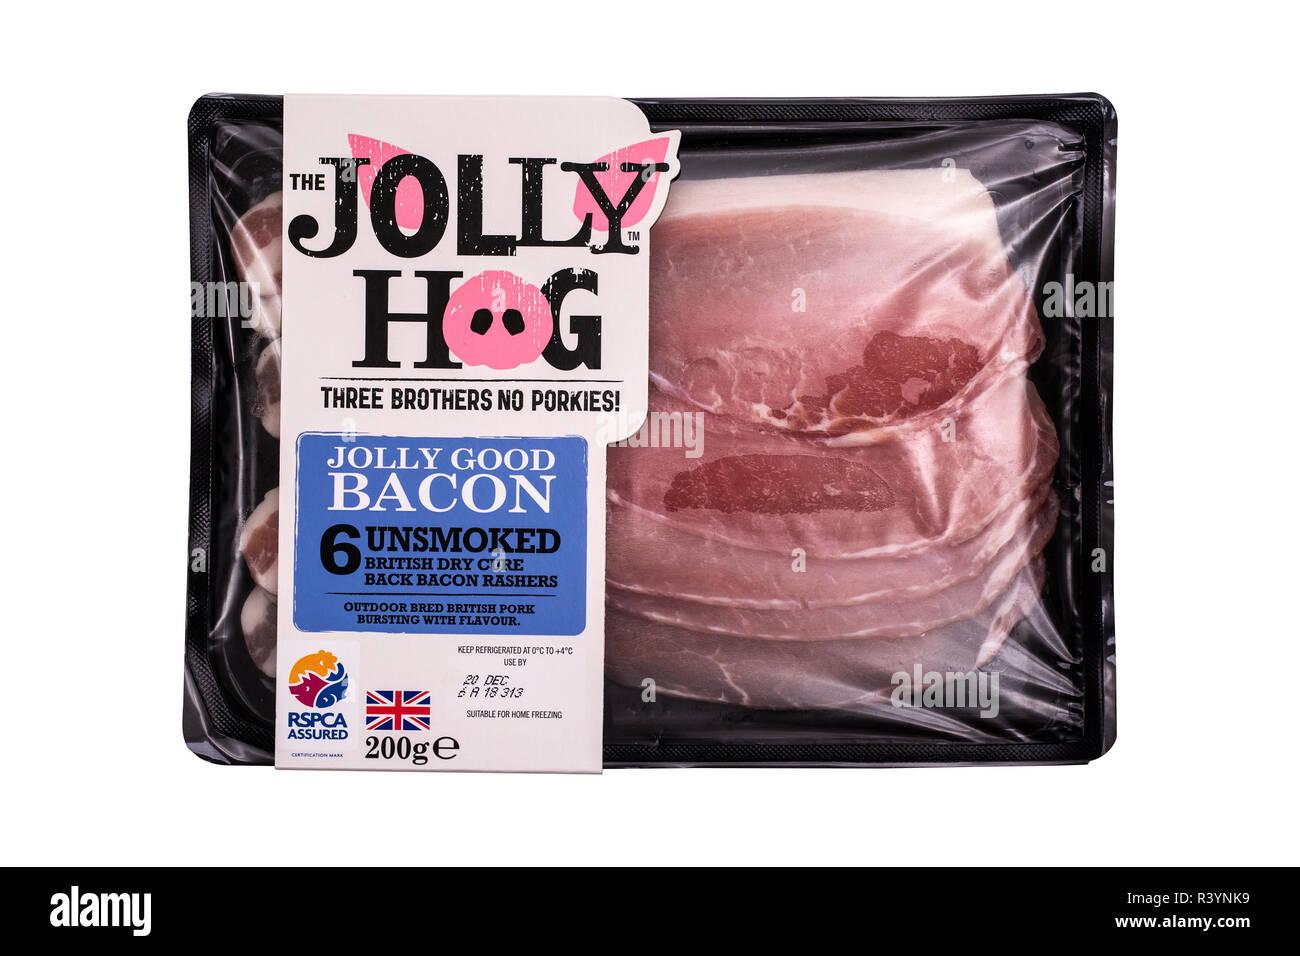 SWINDON, UK - NOVEMBER 18, 2018: The Jolly Hog unsmoked british dry cure back bacon rashers on a white background - Stock Image